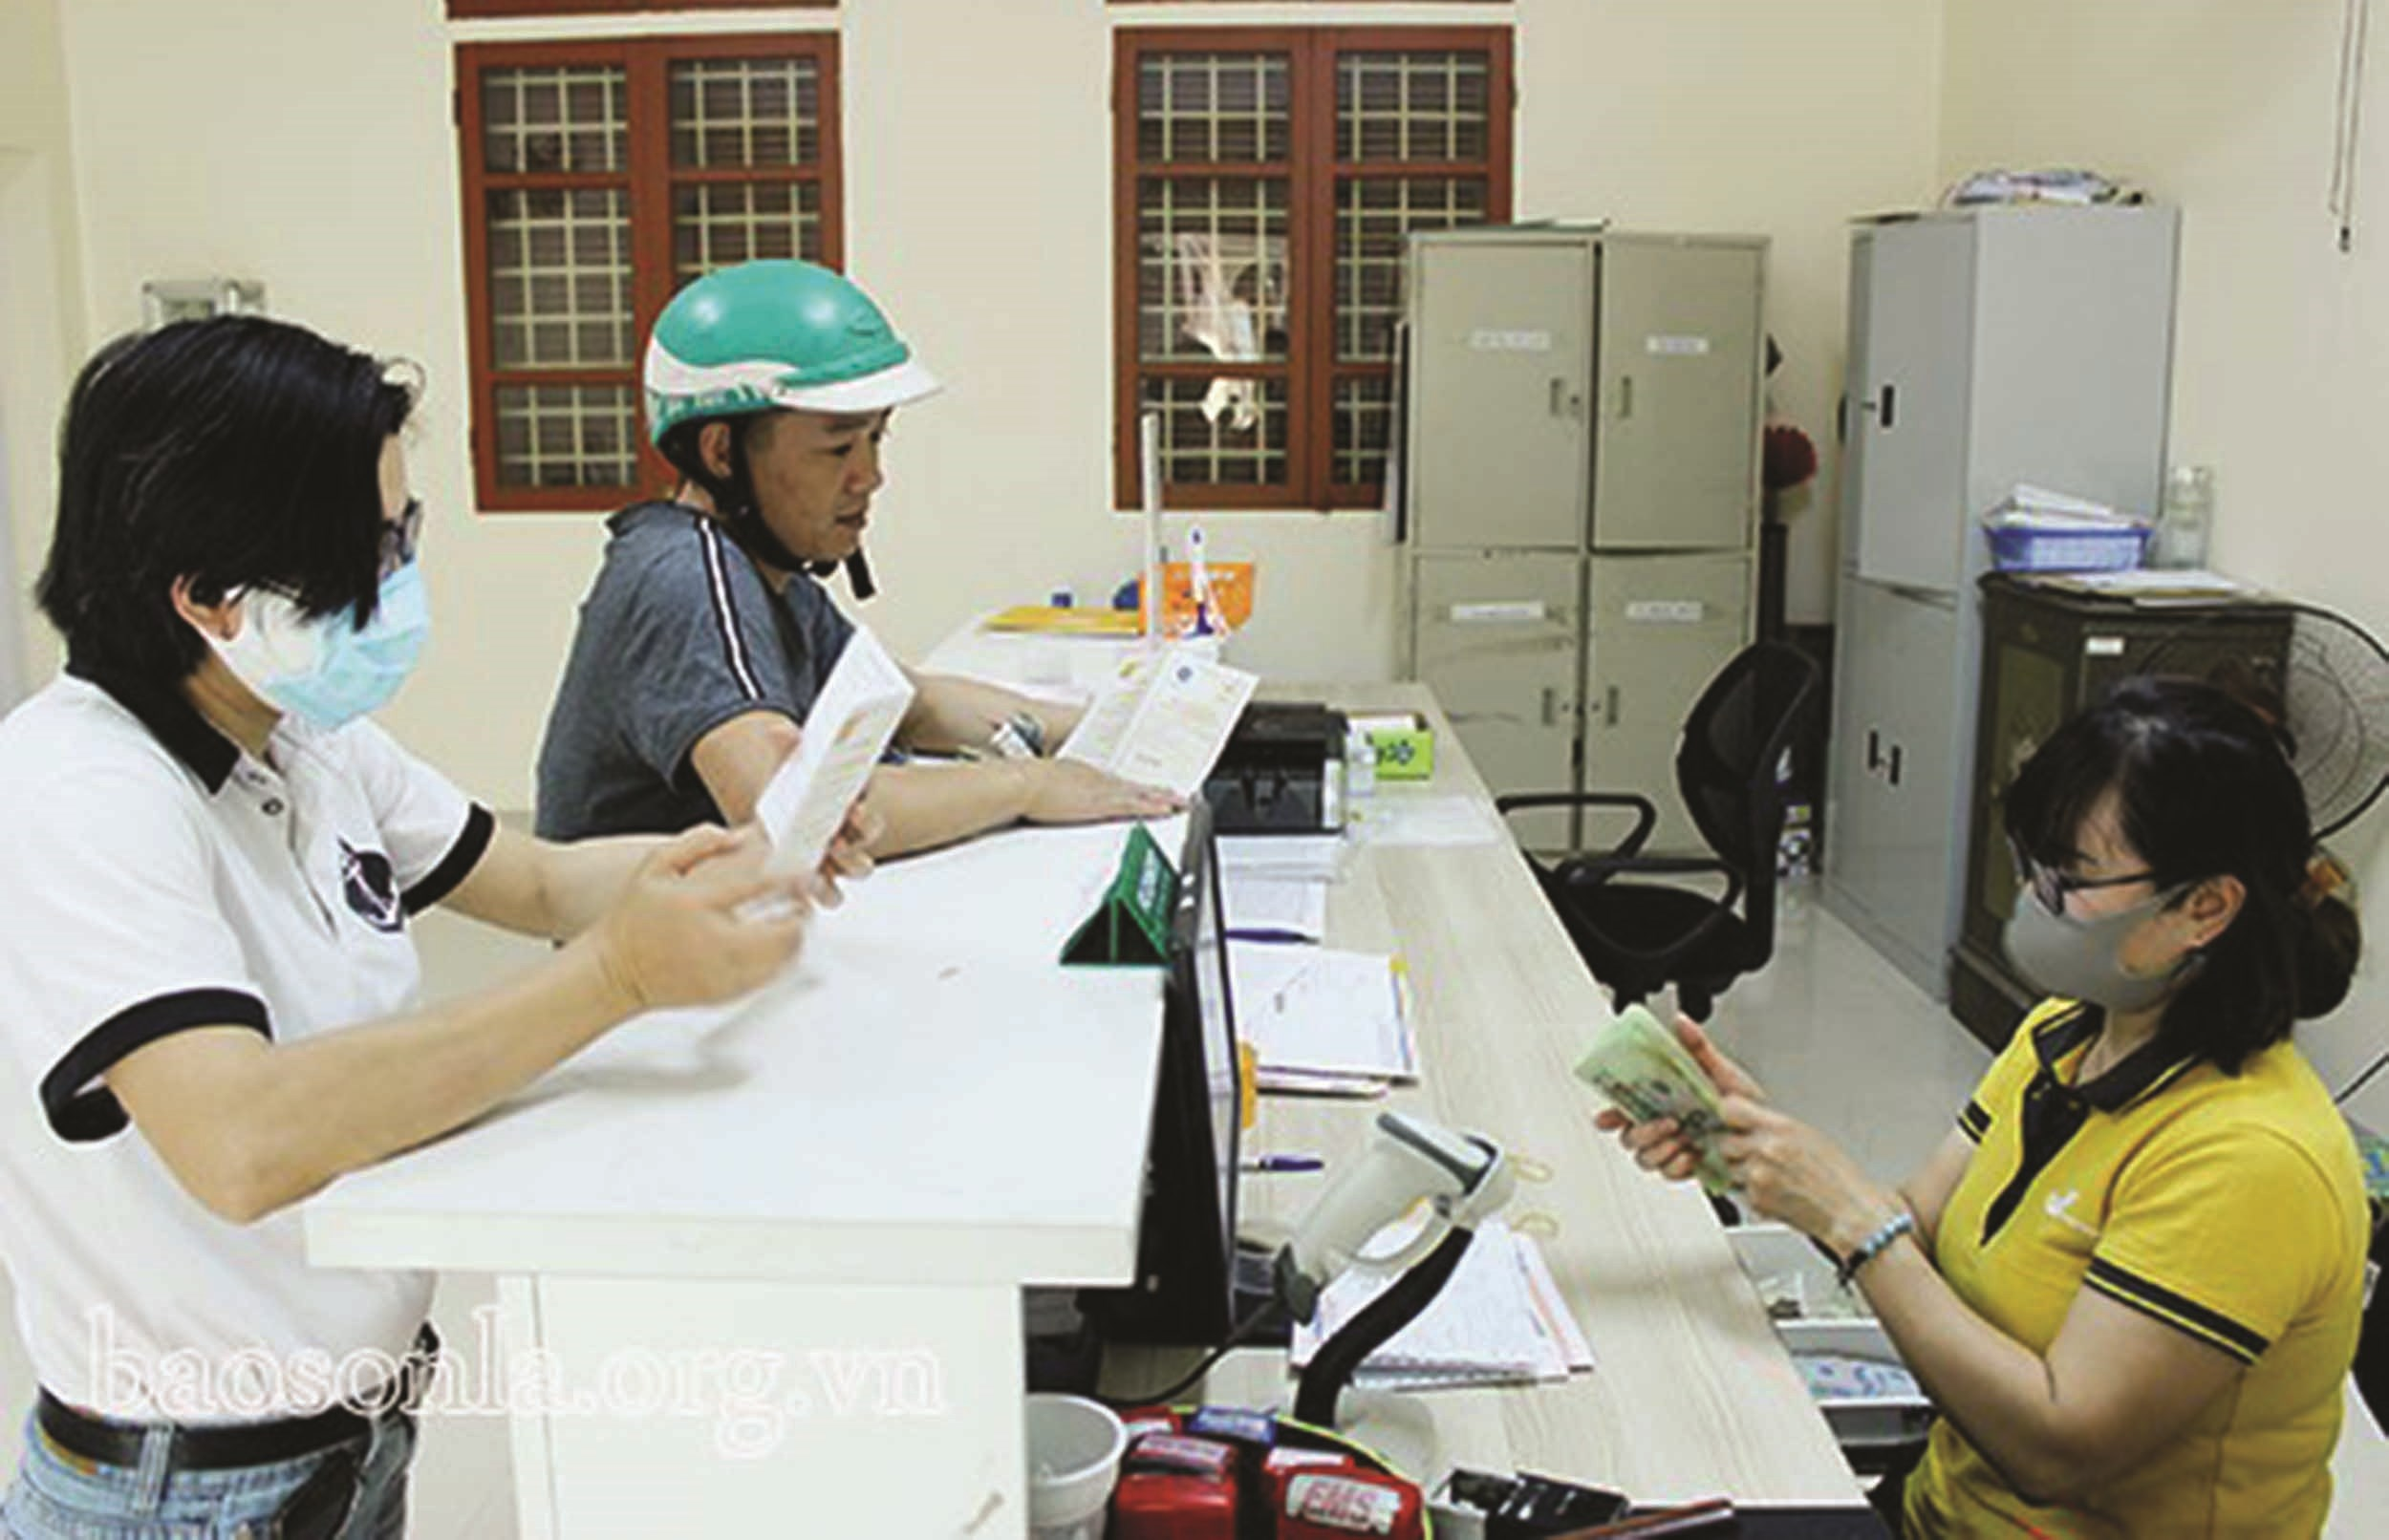 BHXH tỉnh Sơn La tăng cường ứng dụng công nghệ thông tin trong việc chi trả lương hưu, trợ cấp BHXH hằng tháng. (Trong ảnh: Người dân đến nhận lương, trợ cấp BHXH tại Bưu cục phường Chiềng Lề,Thành phố Sơn La)